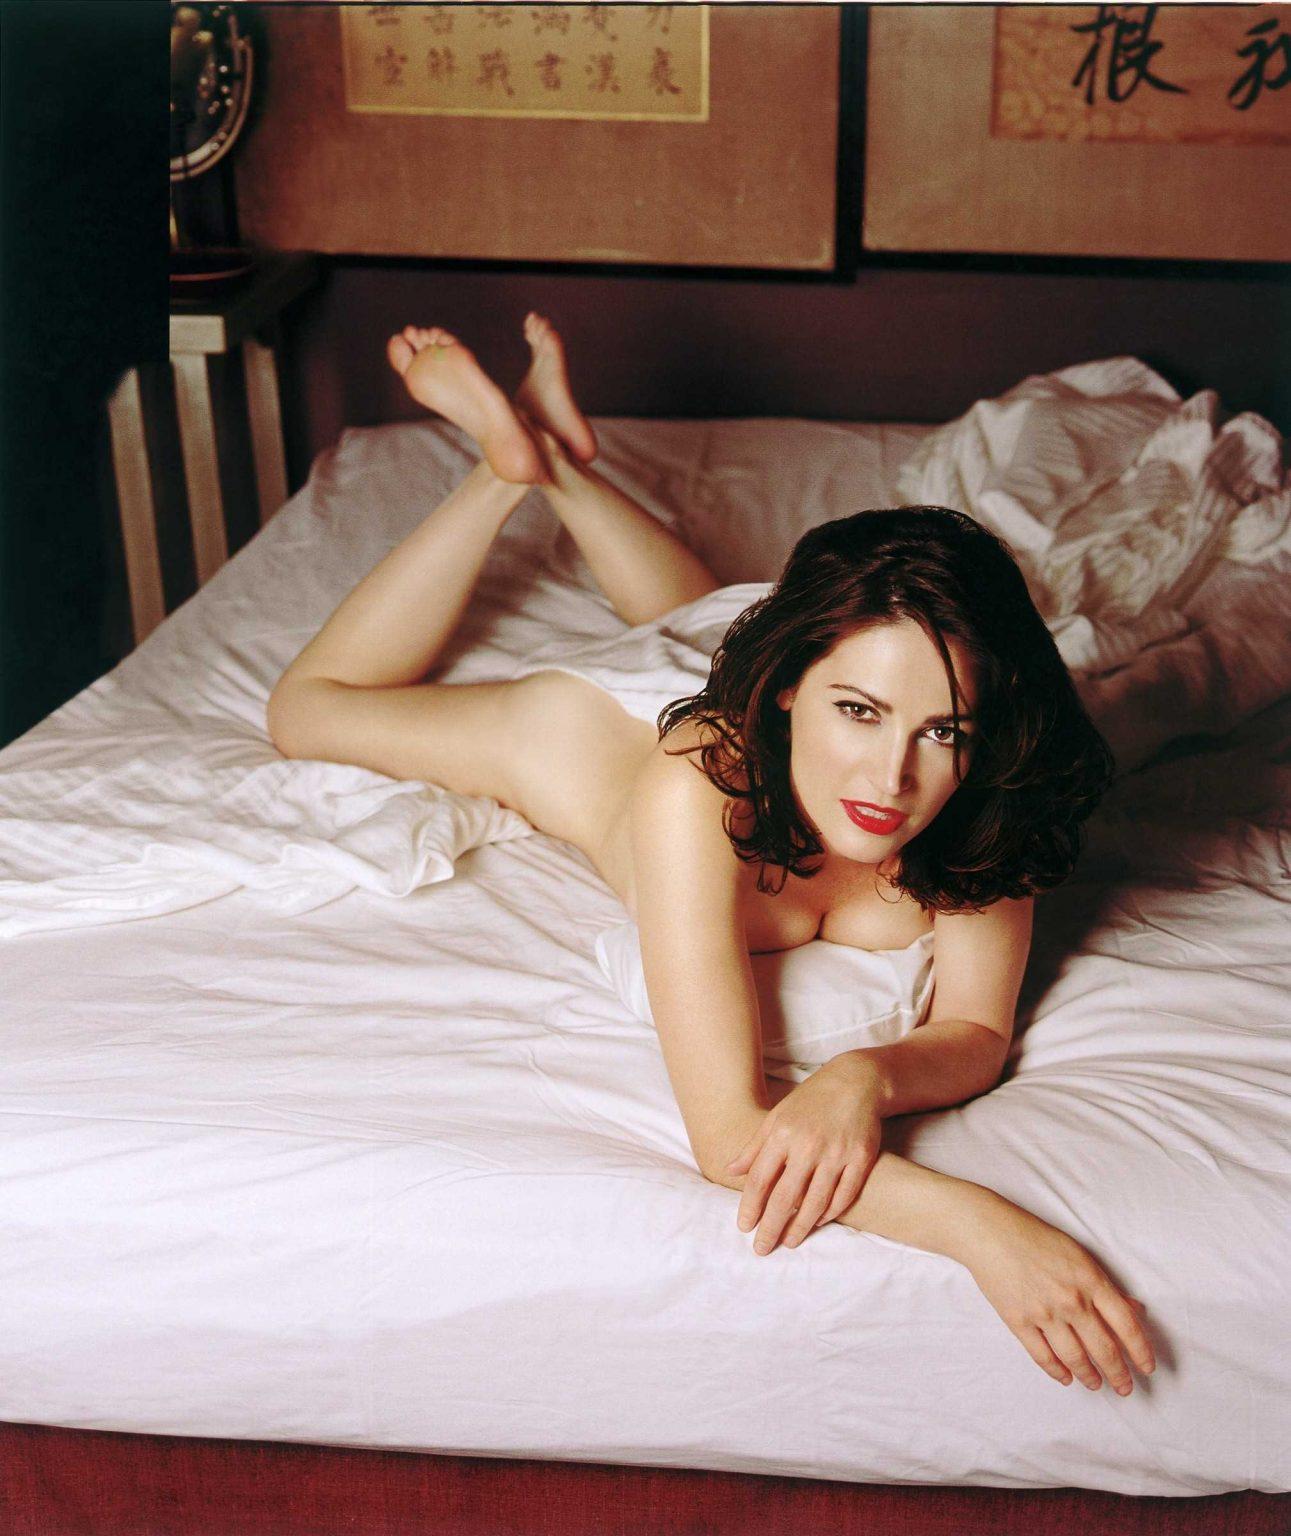 Kim Delaney near nude pics